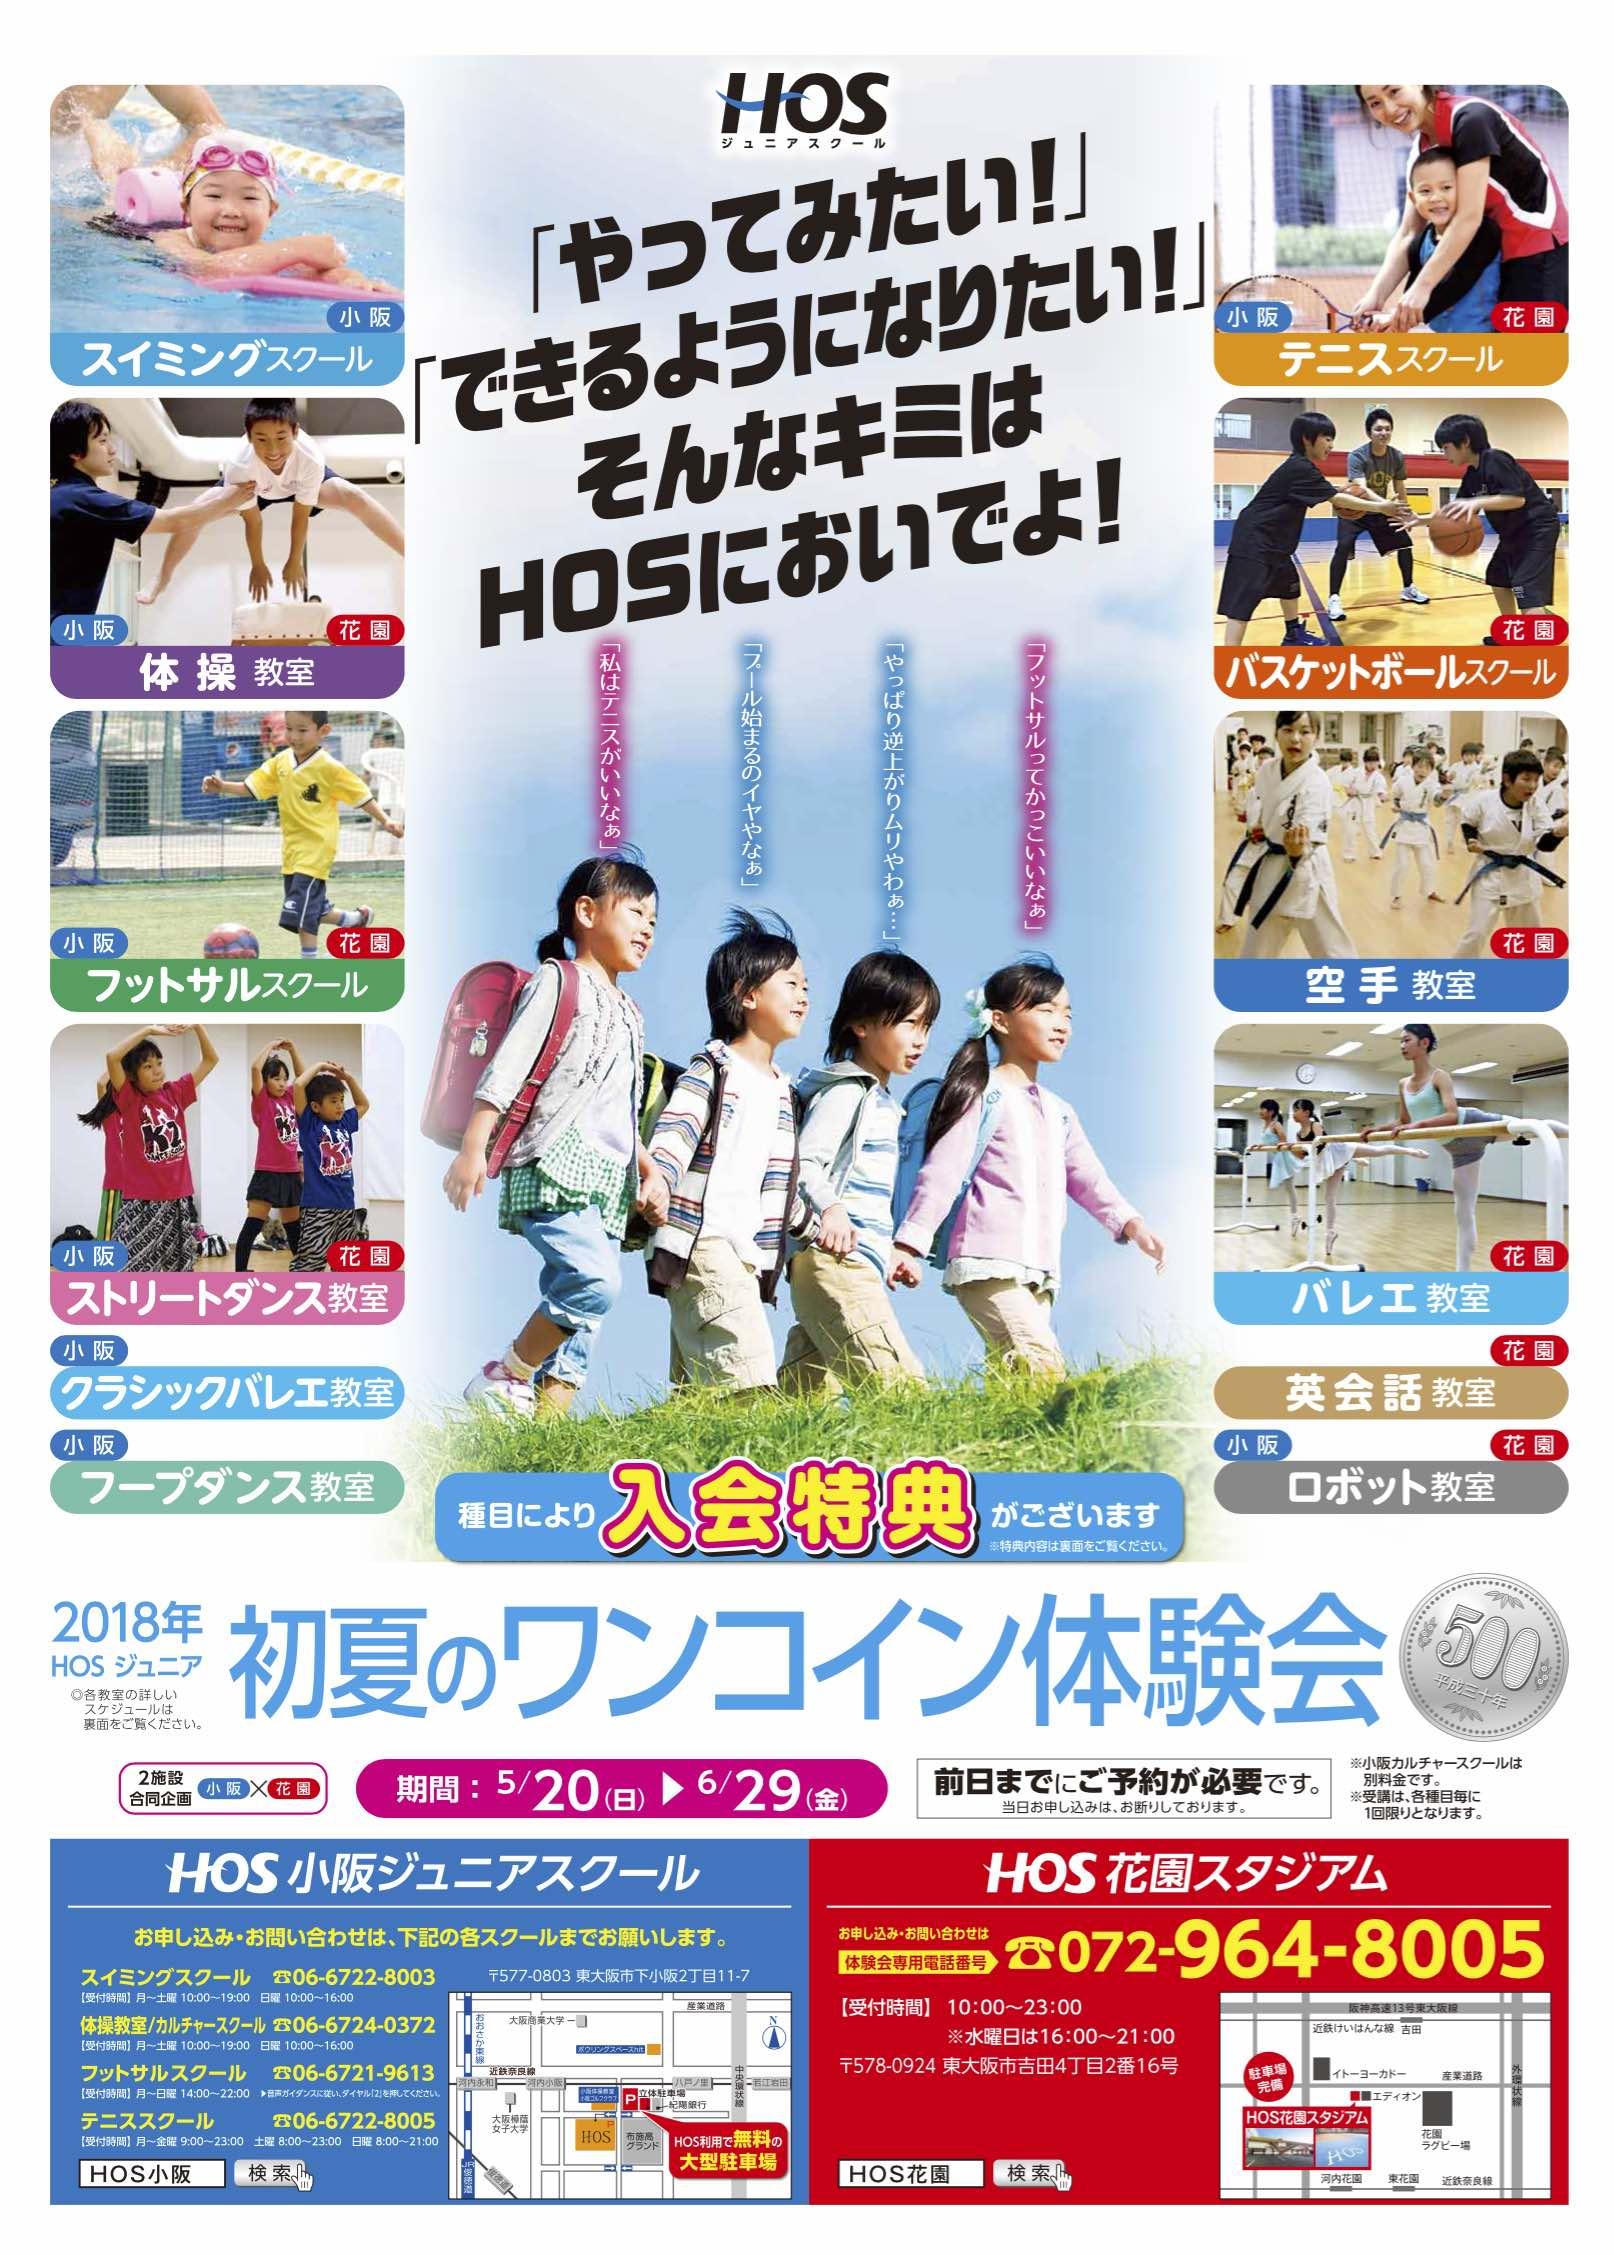 201805-kosaka-hanazono-jr-01